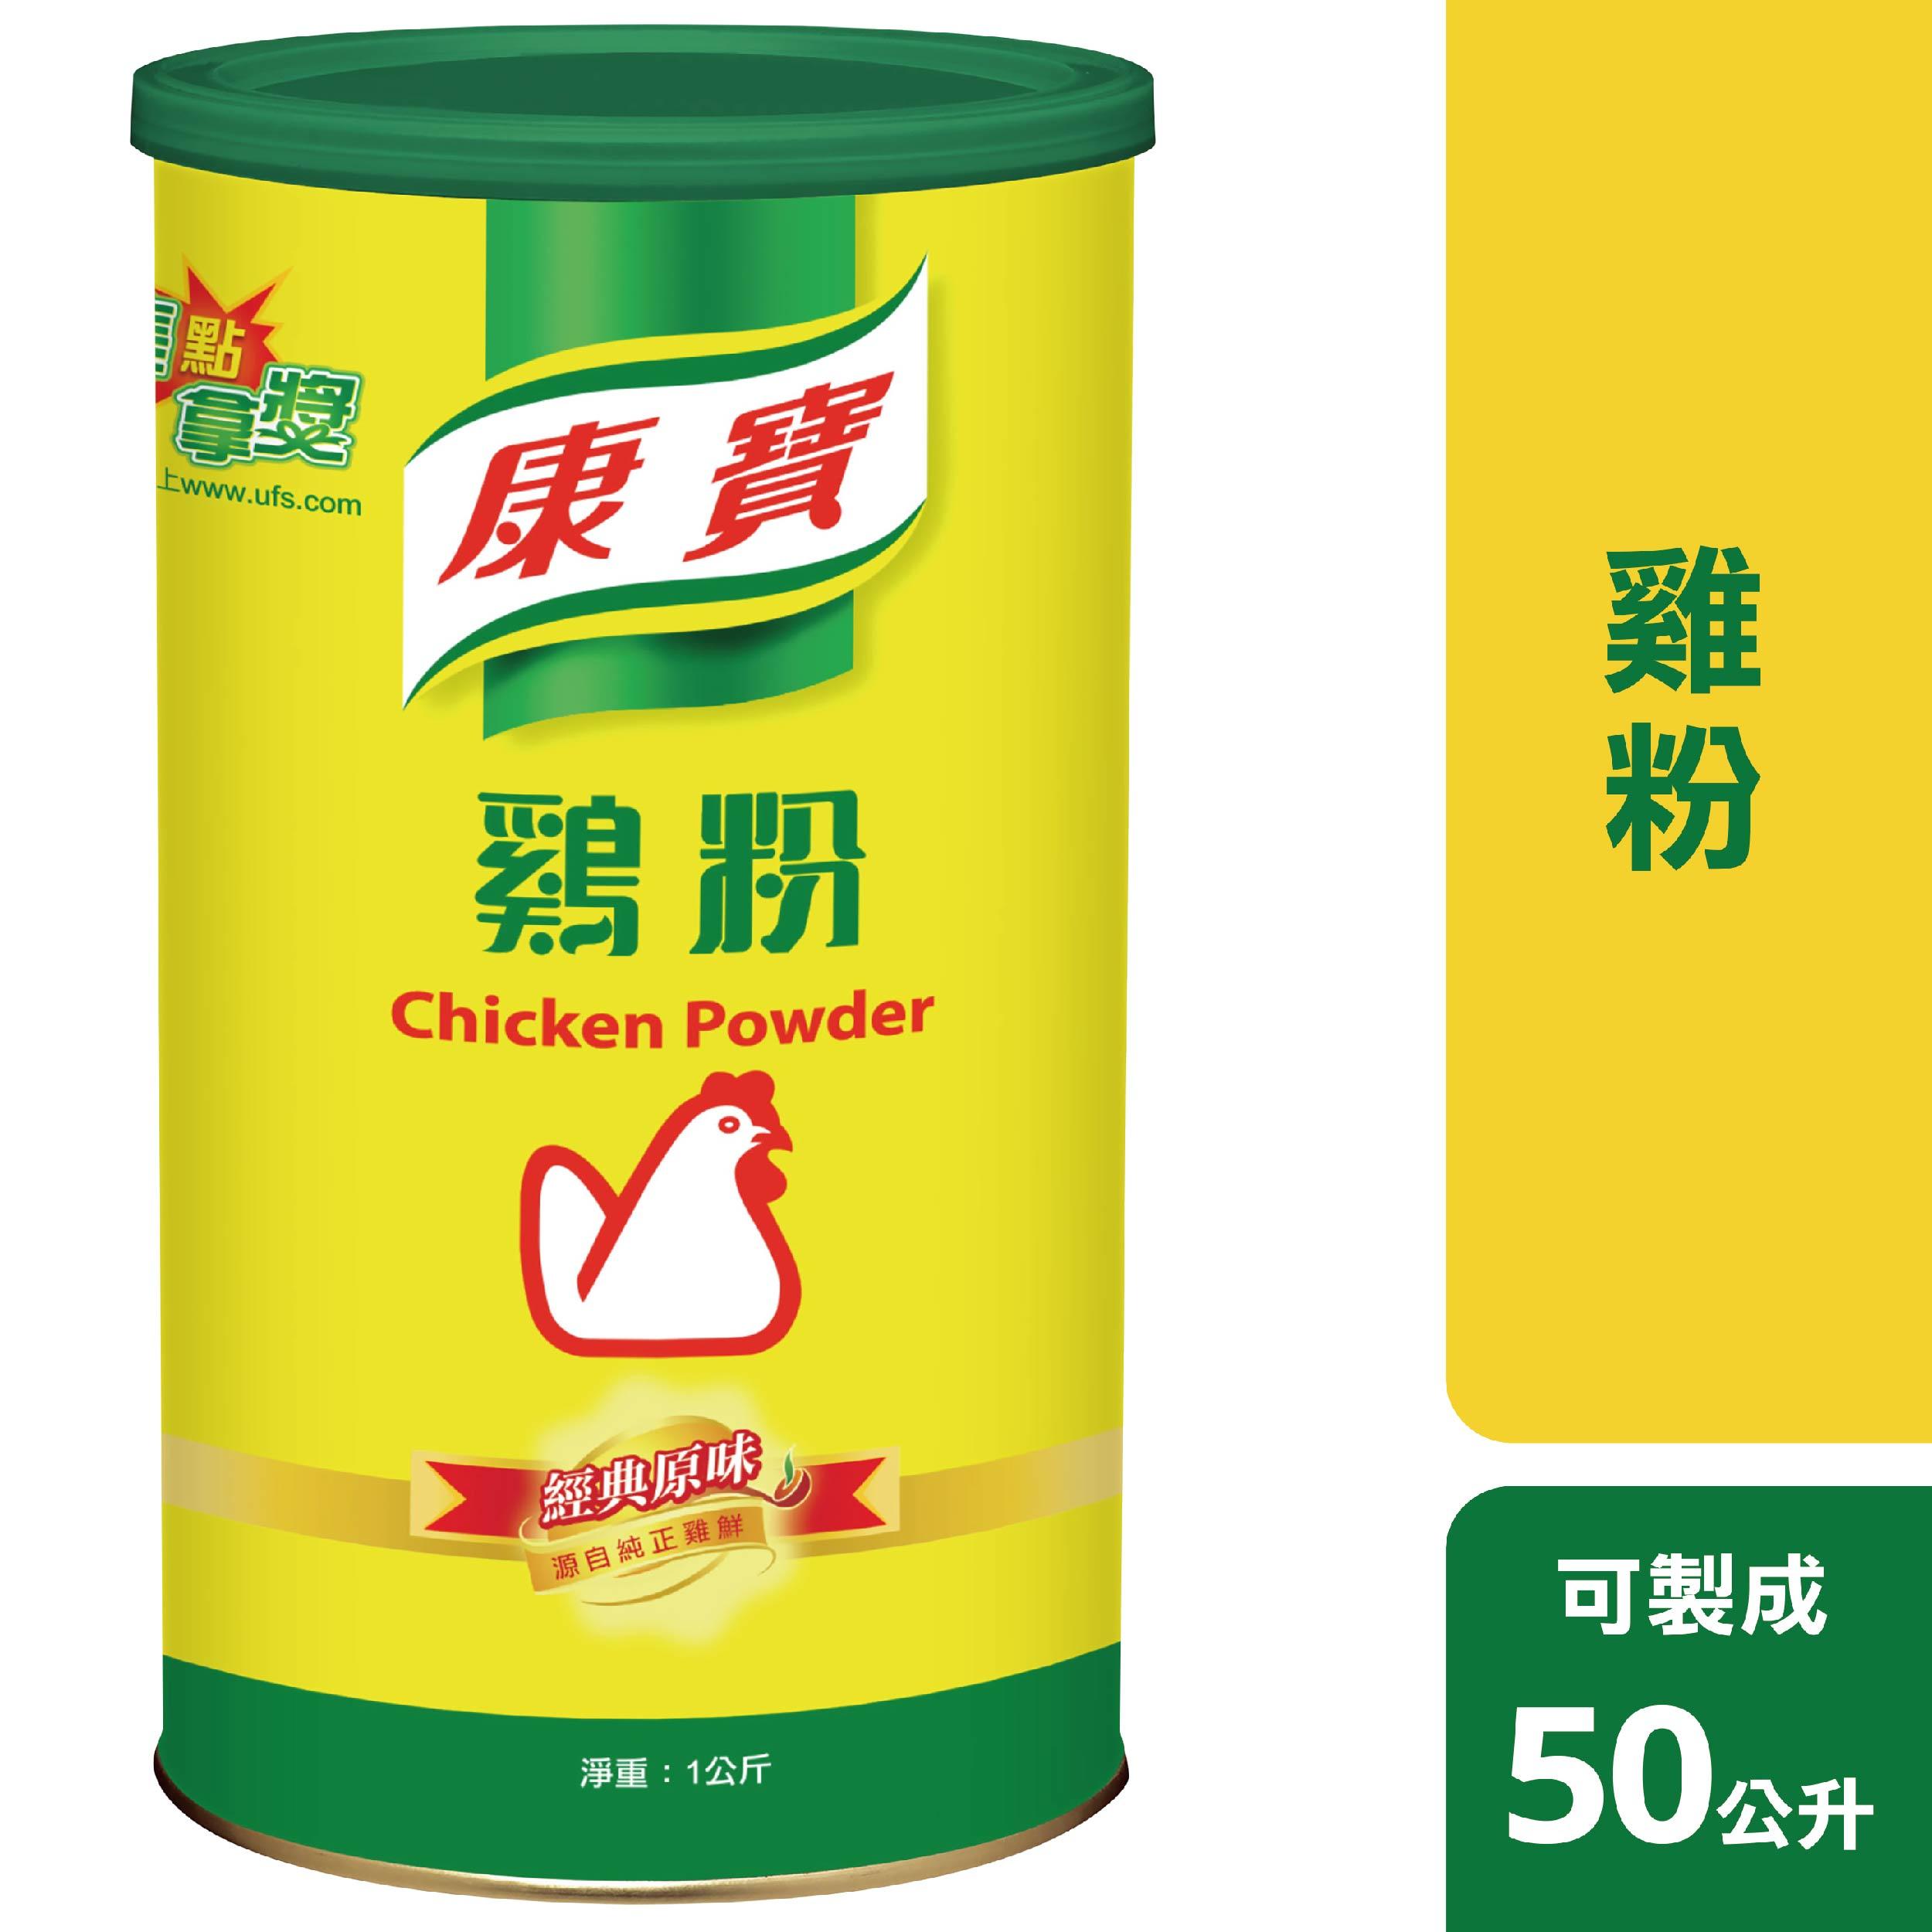 康寶雞粉 - 康寶雞粉,純正雞鮮,經典原味代代相傳